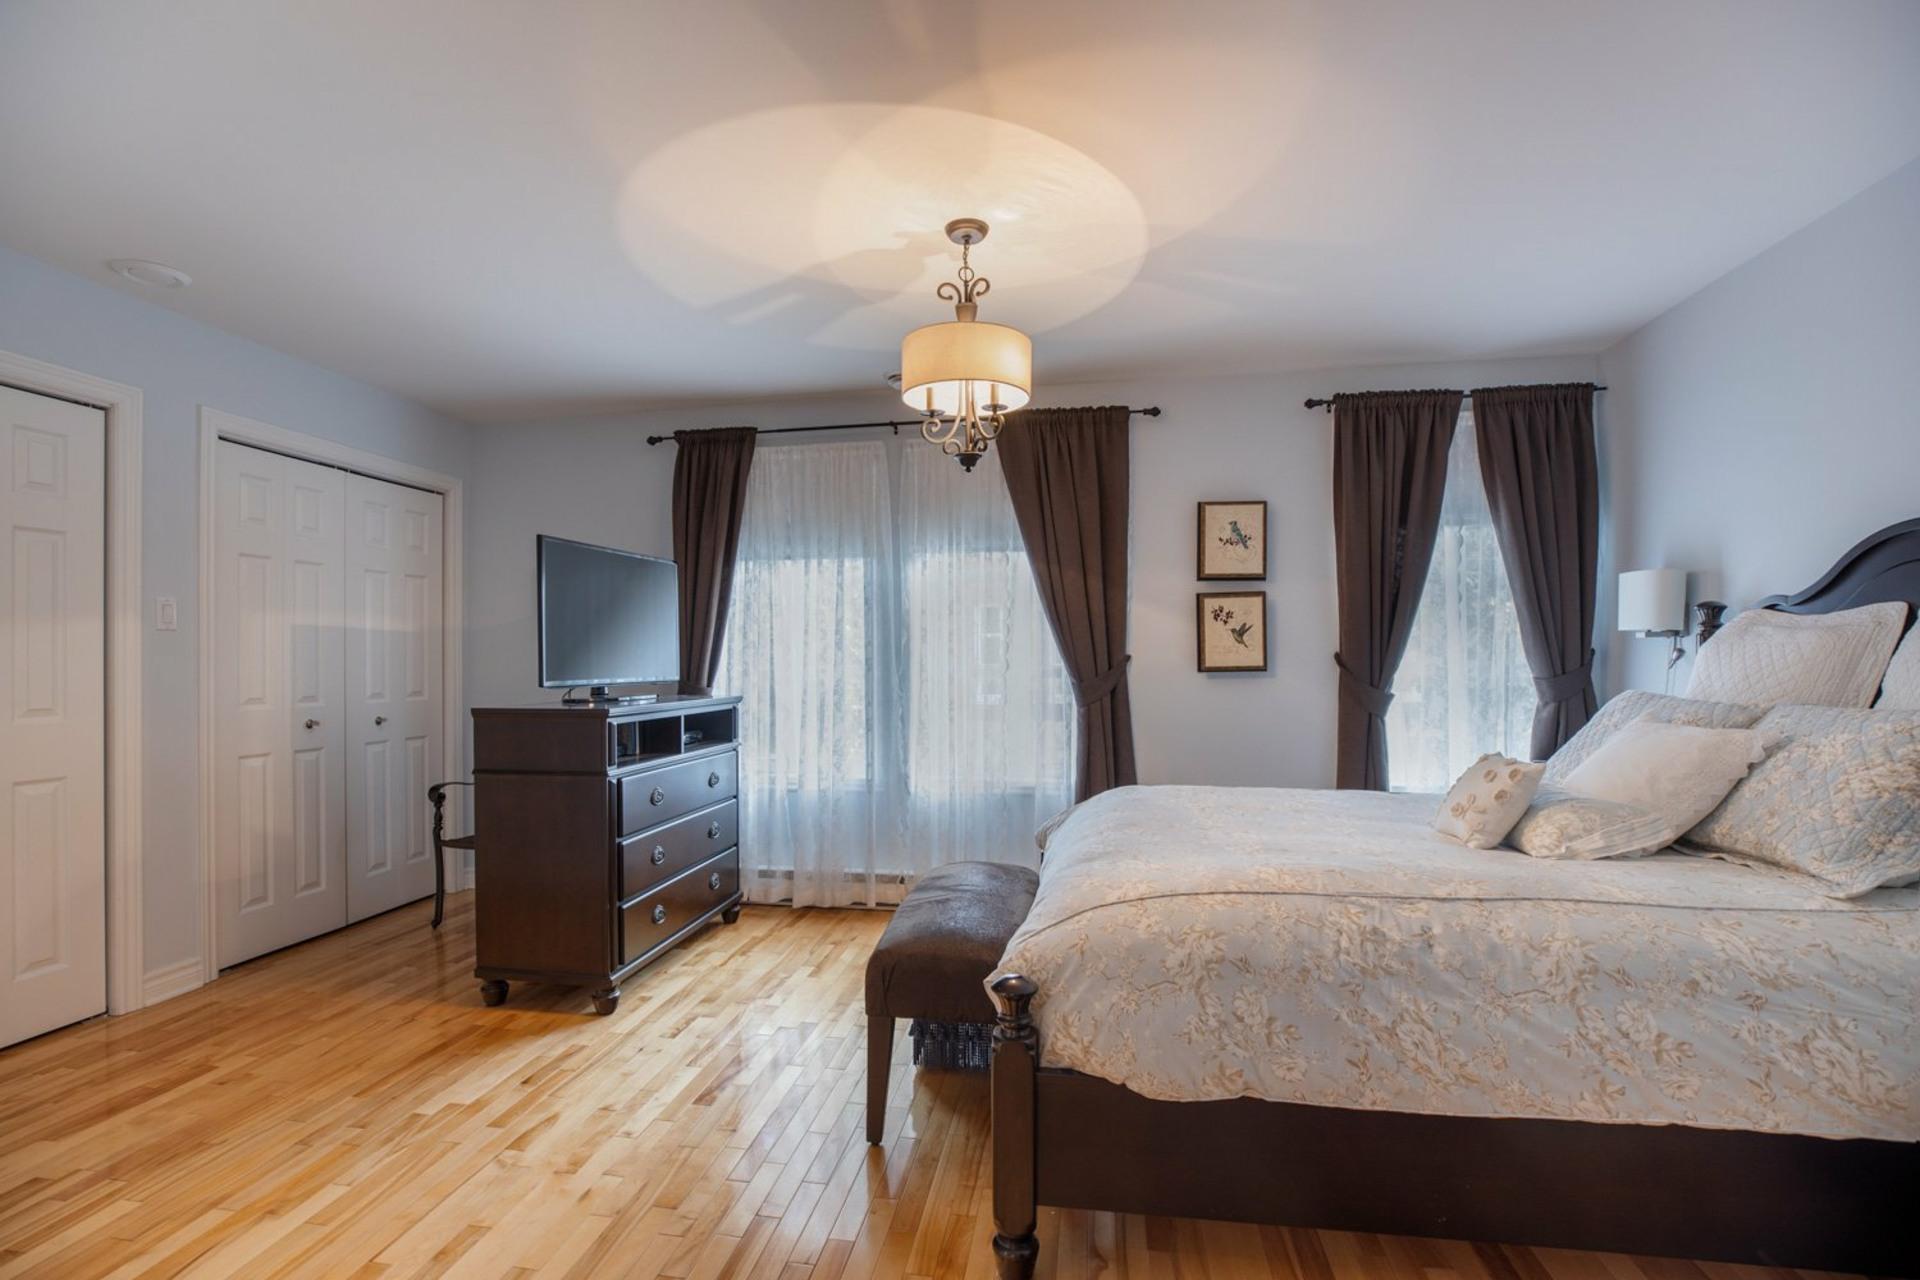 image 13 - Maison À vendre Ahuntsic-Cartierville Montréal  - 8 pièces